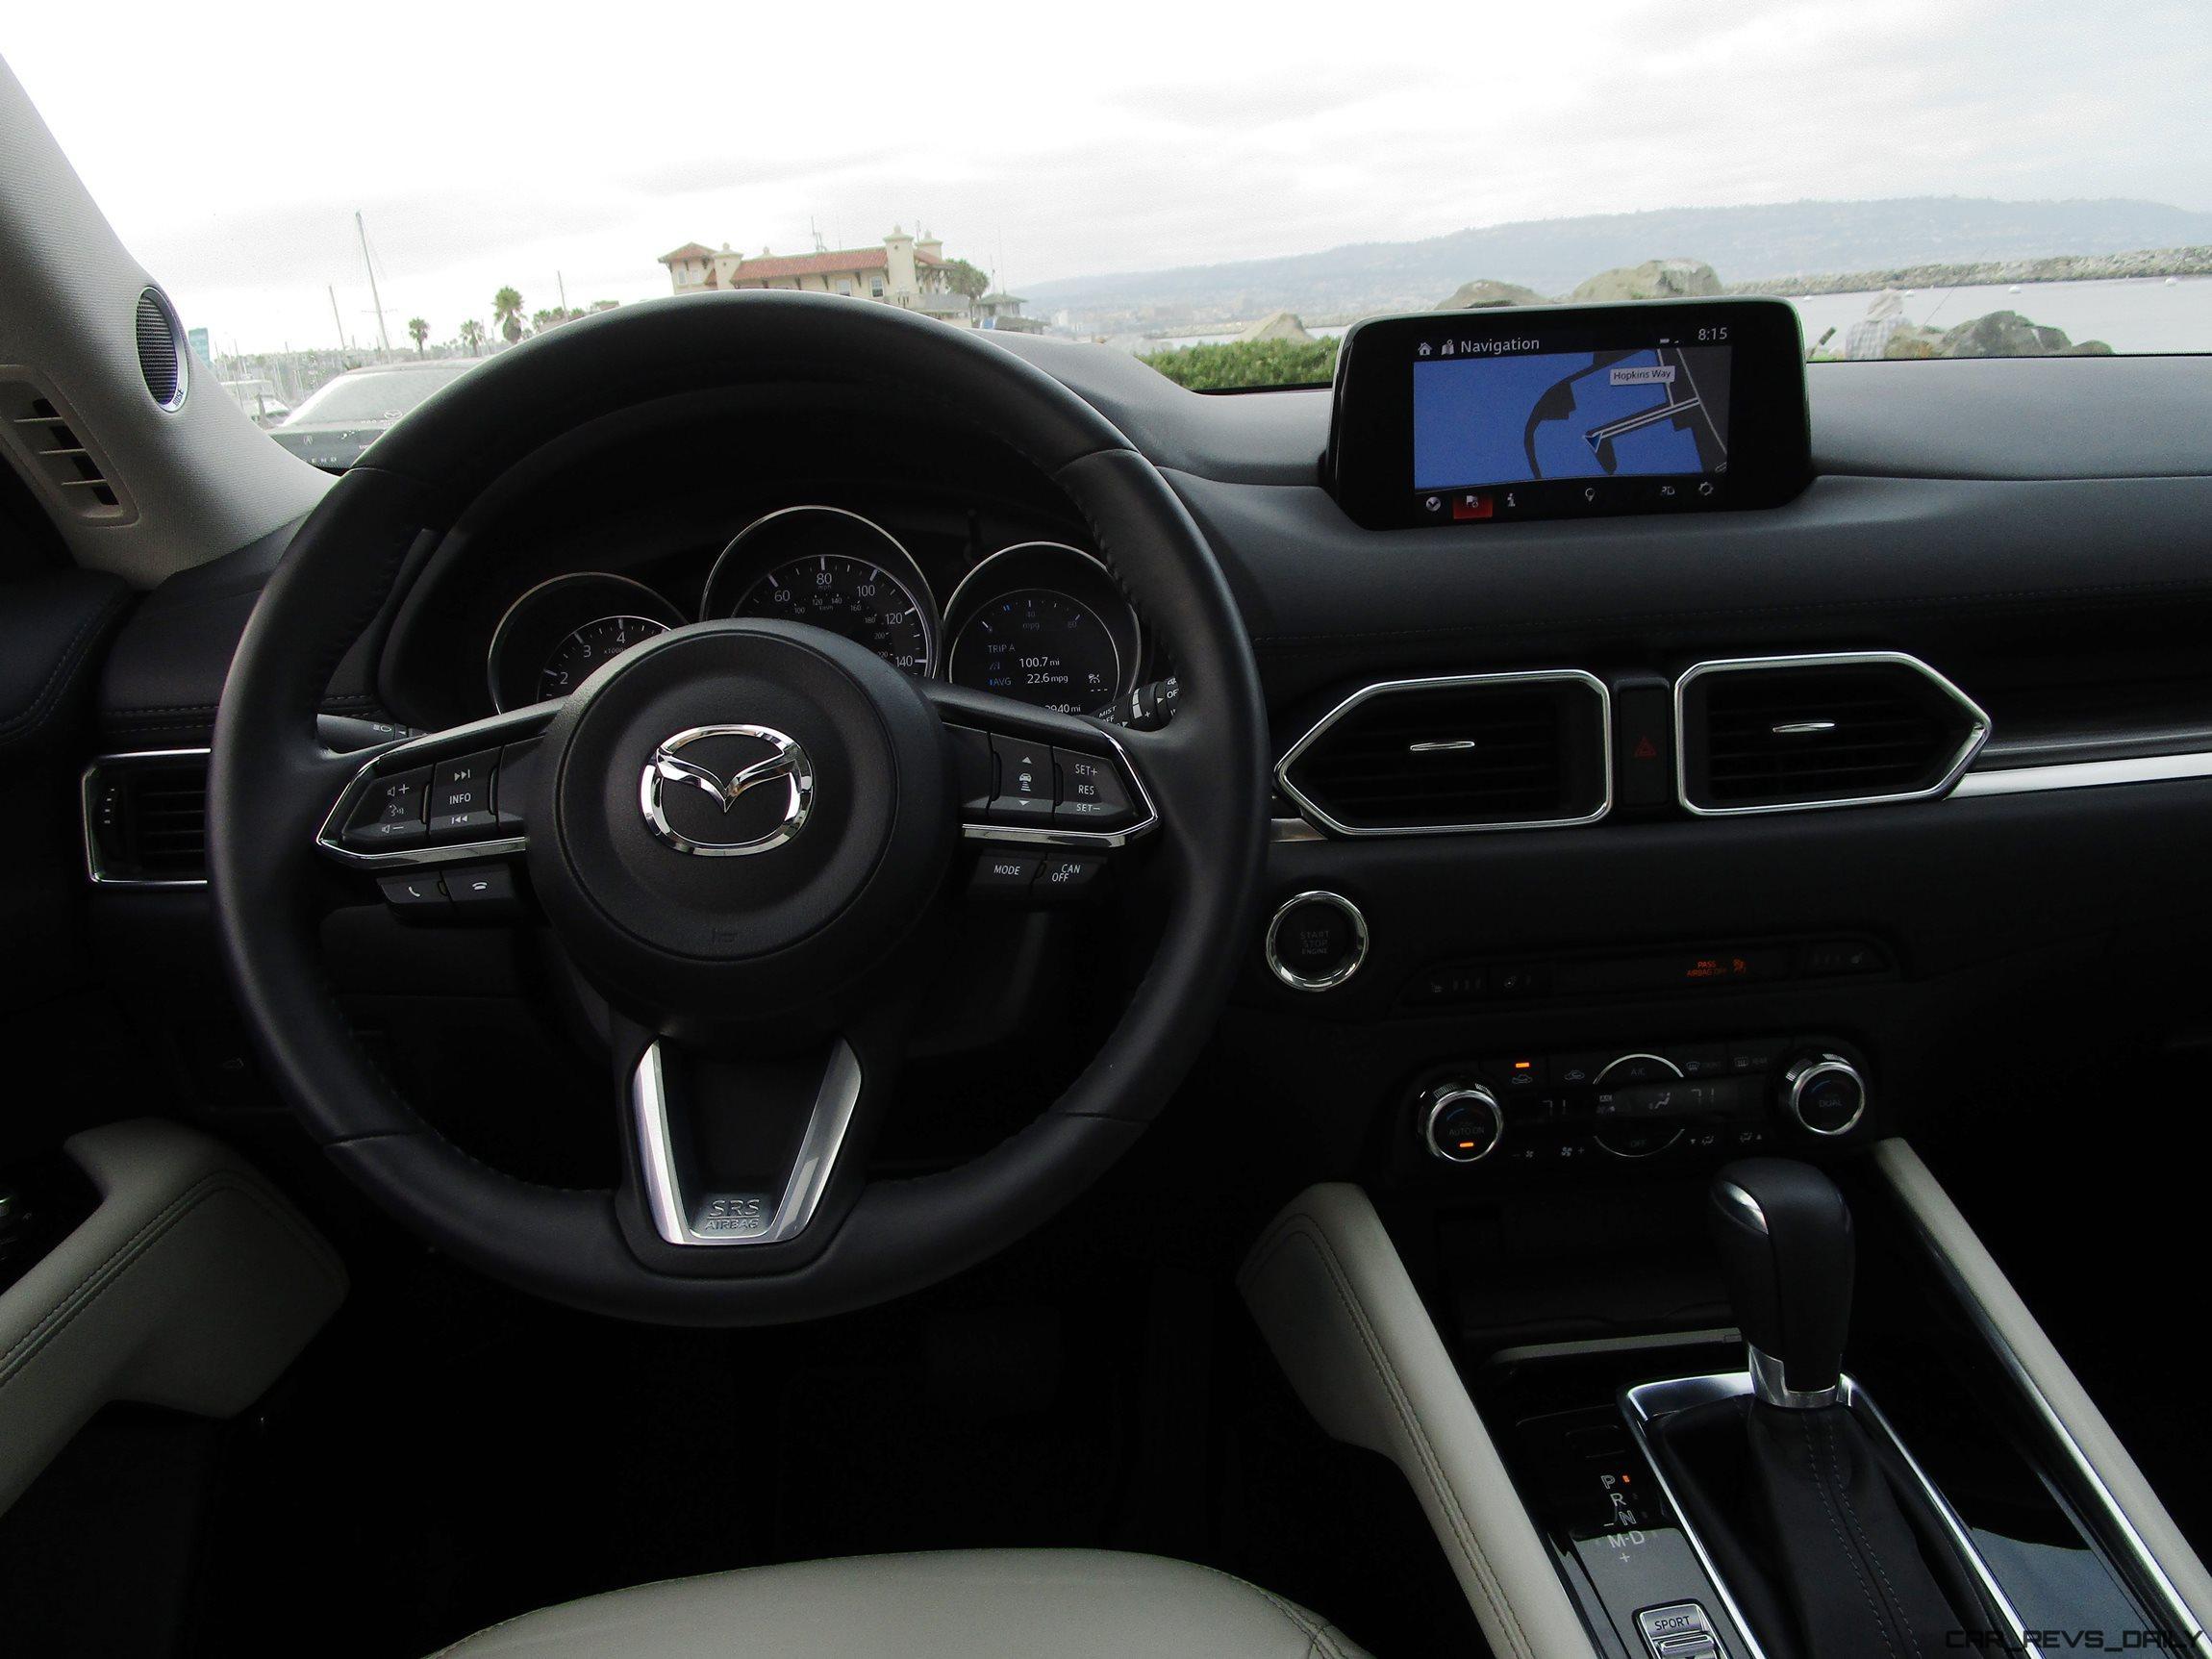 2017 Mazda Cx 5 Interior 18